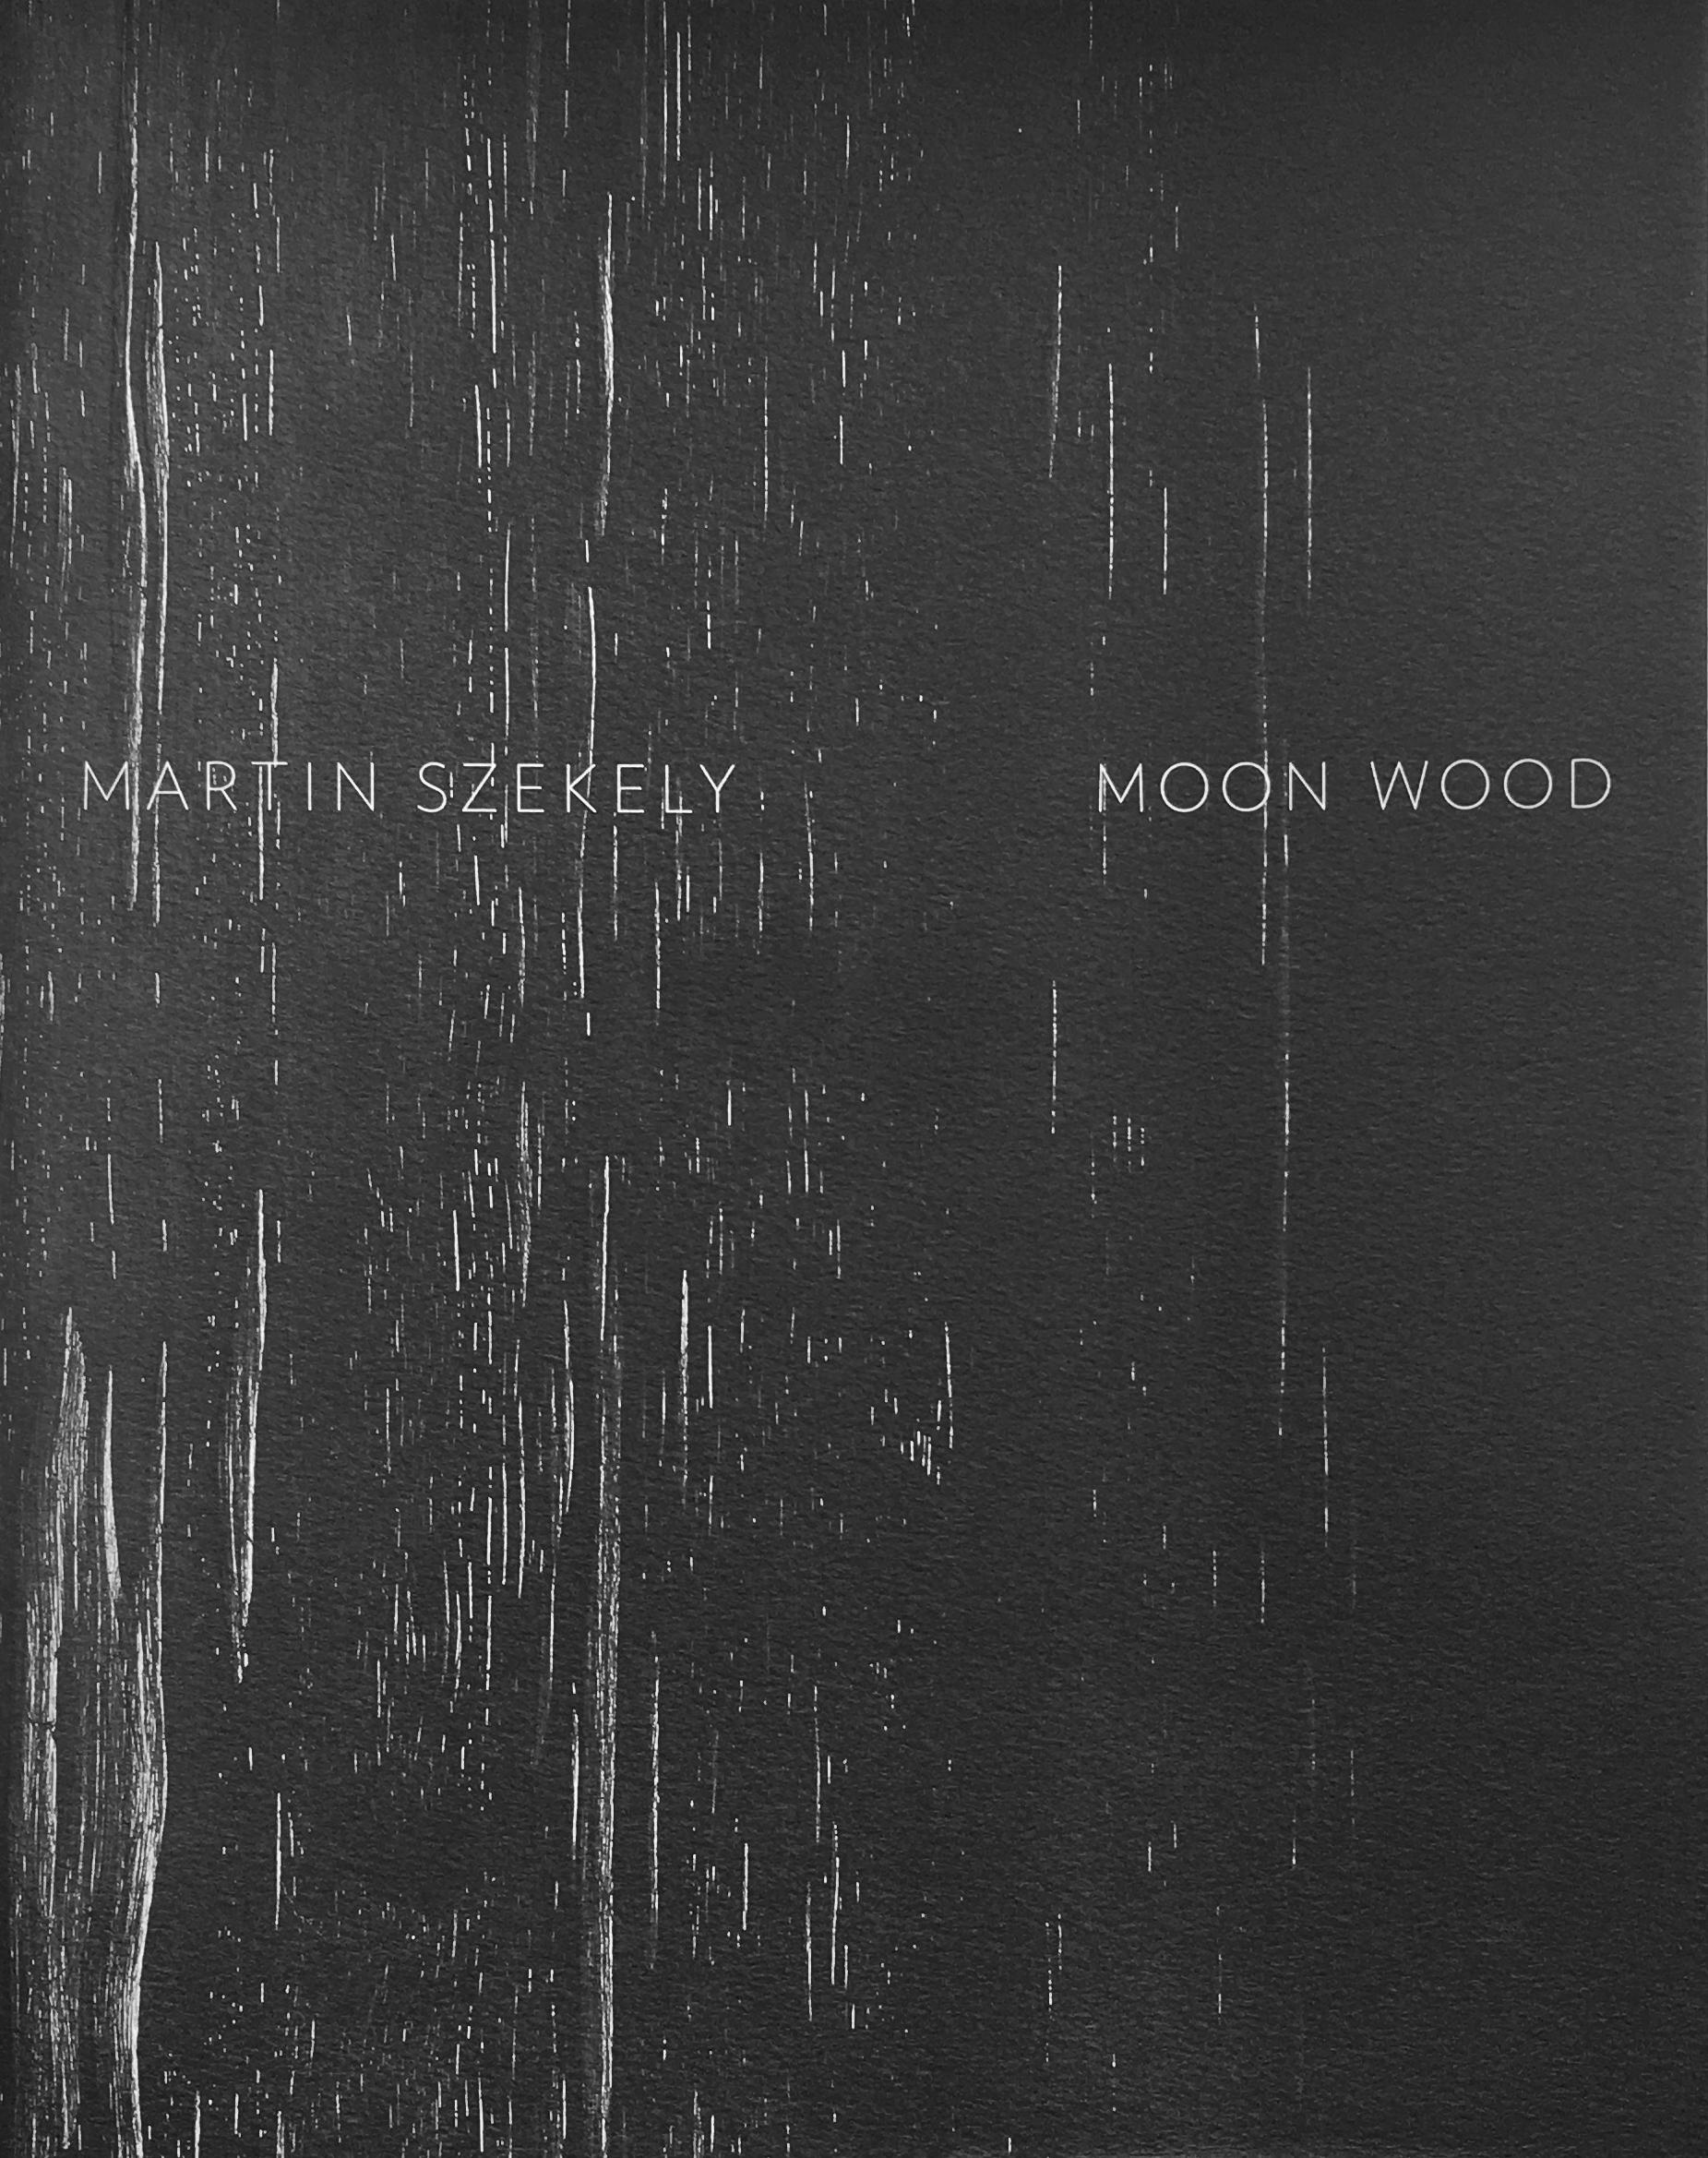 Moon Wood